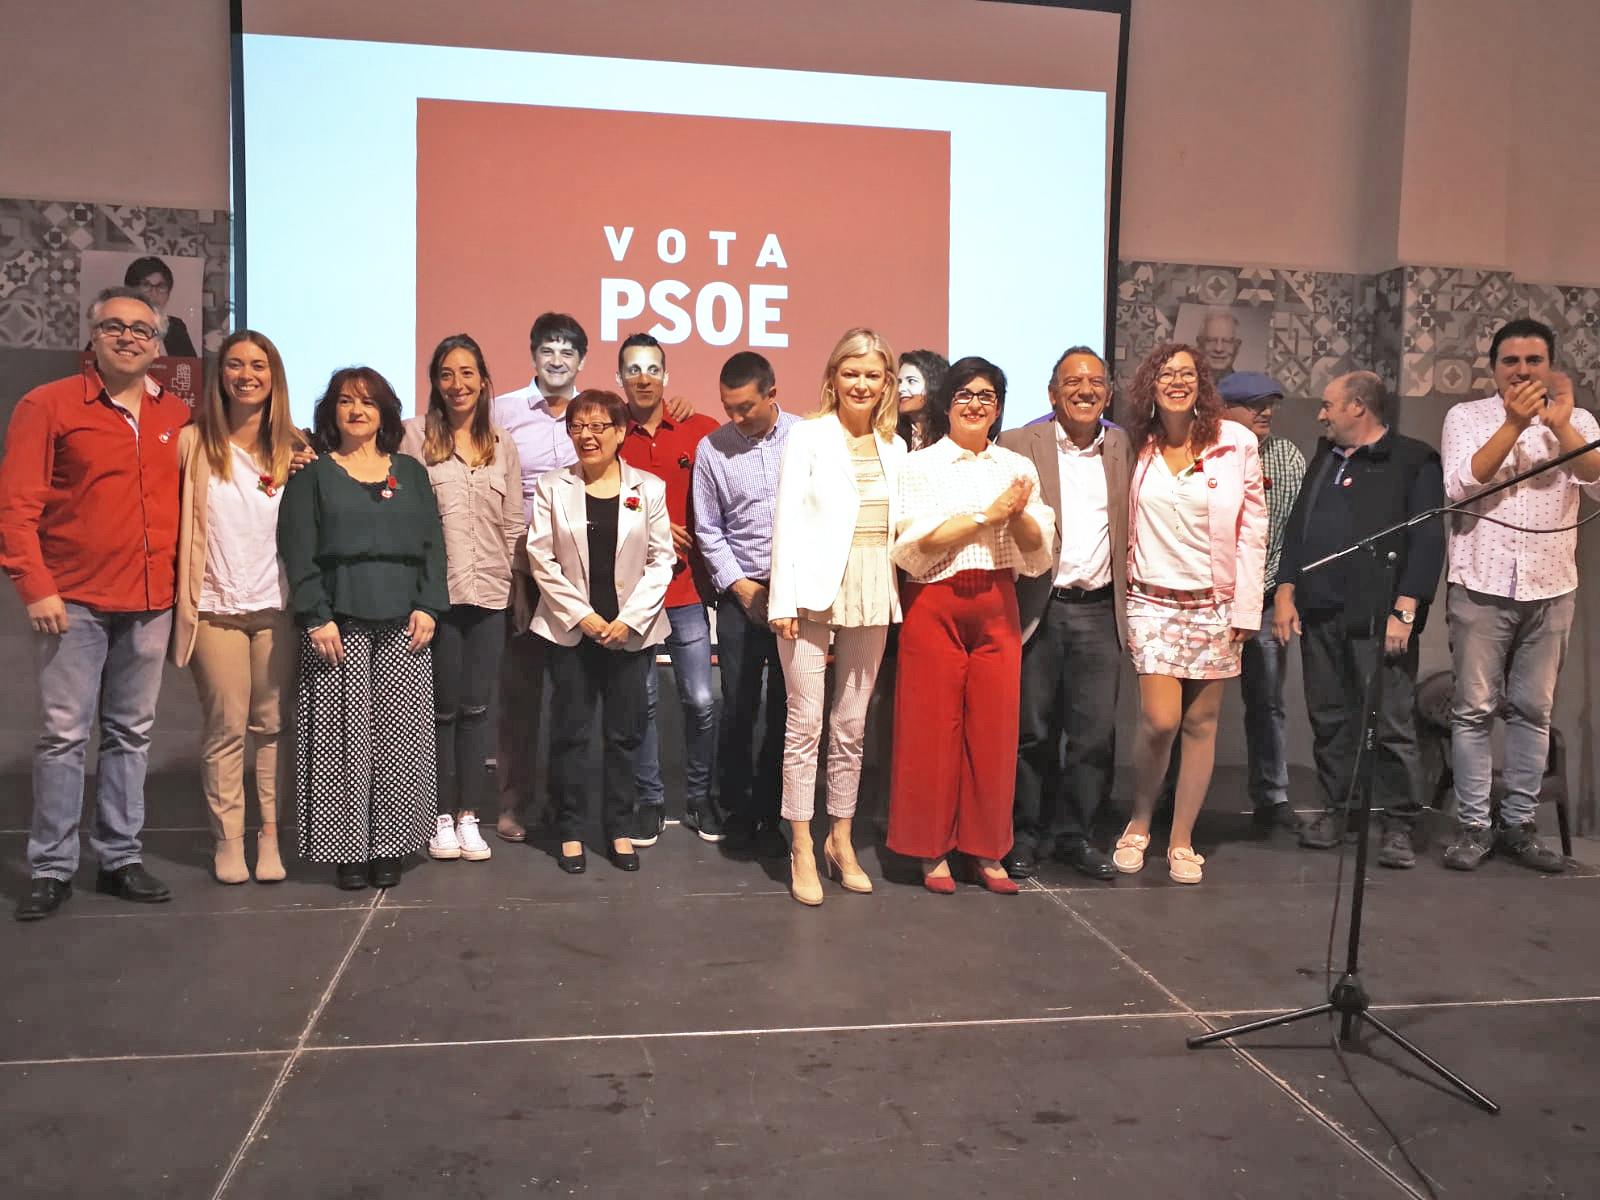 Integrantes de la candidatura del Partido Socialista, que lidera Juncal Carrascosa, con Gabriela Bravo y Miquel Soler.